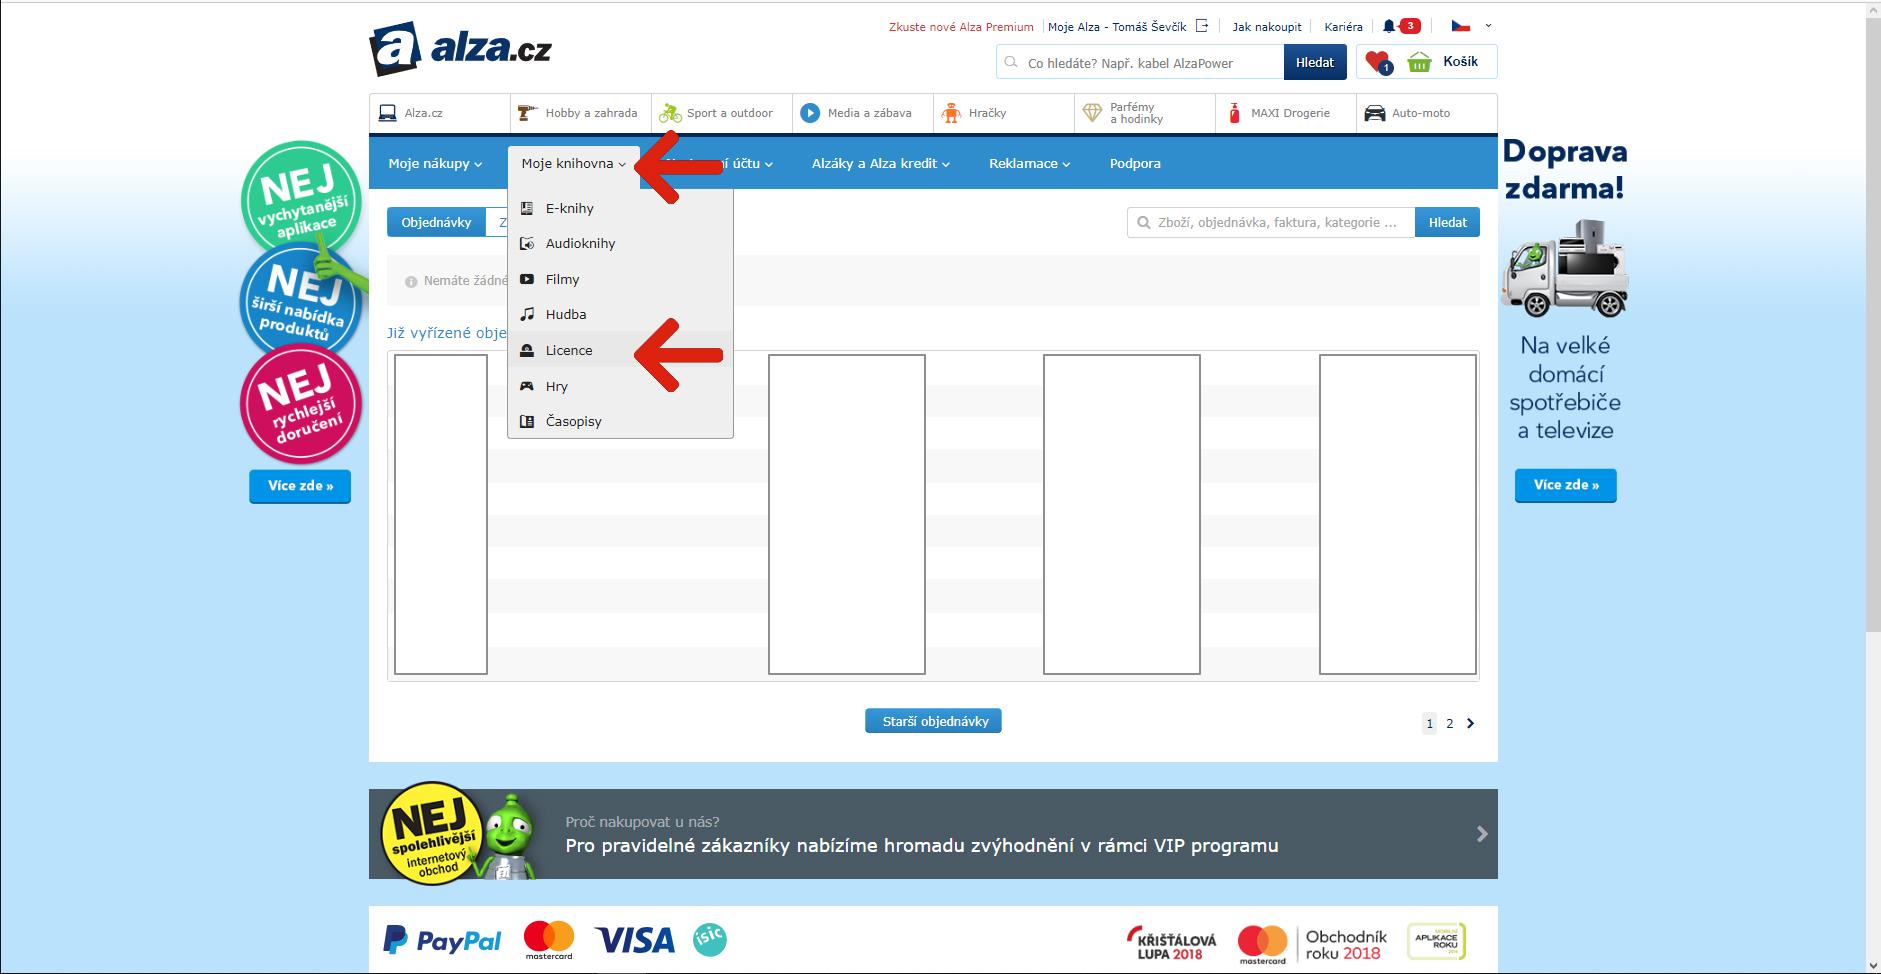 116b55afe53b1 Elektronické licence (NÁVOD): Jak je uplatnit? | Alza.cz